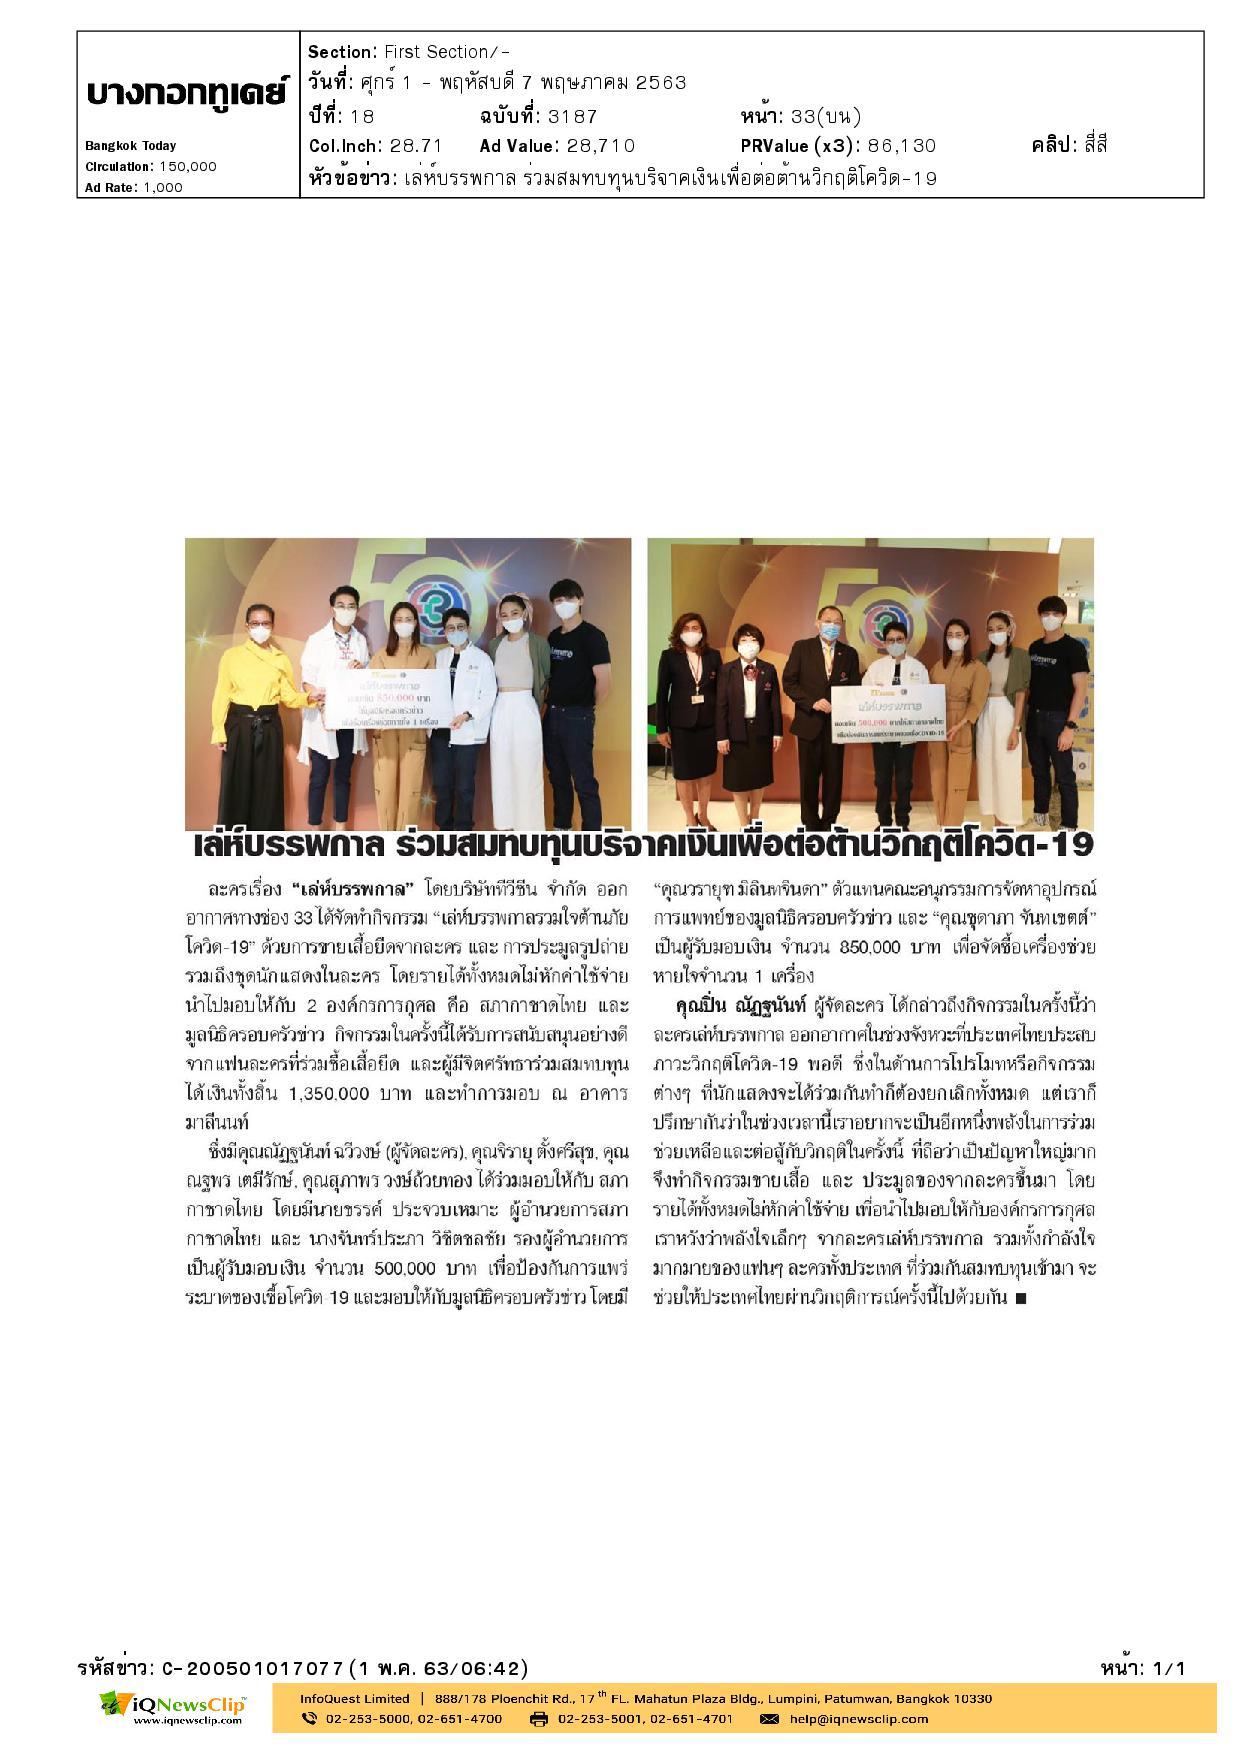 บริจาคเงินช่วยเหลือวิกฤติโควิด-19 ให้แก่สภากาชาดไทย